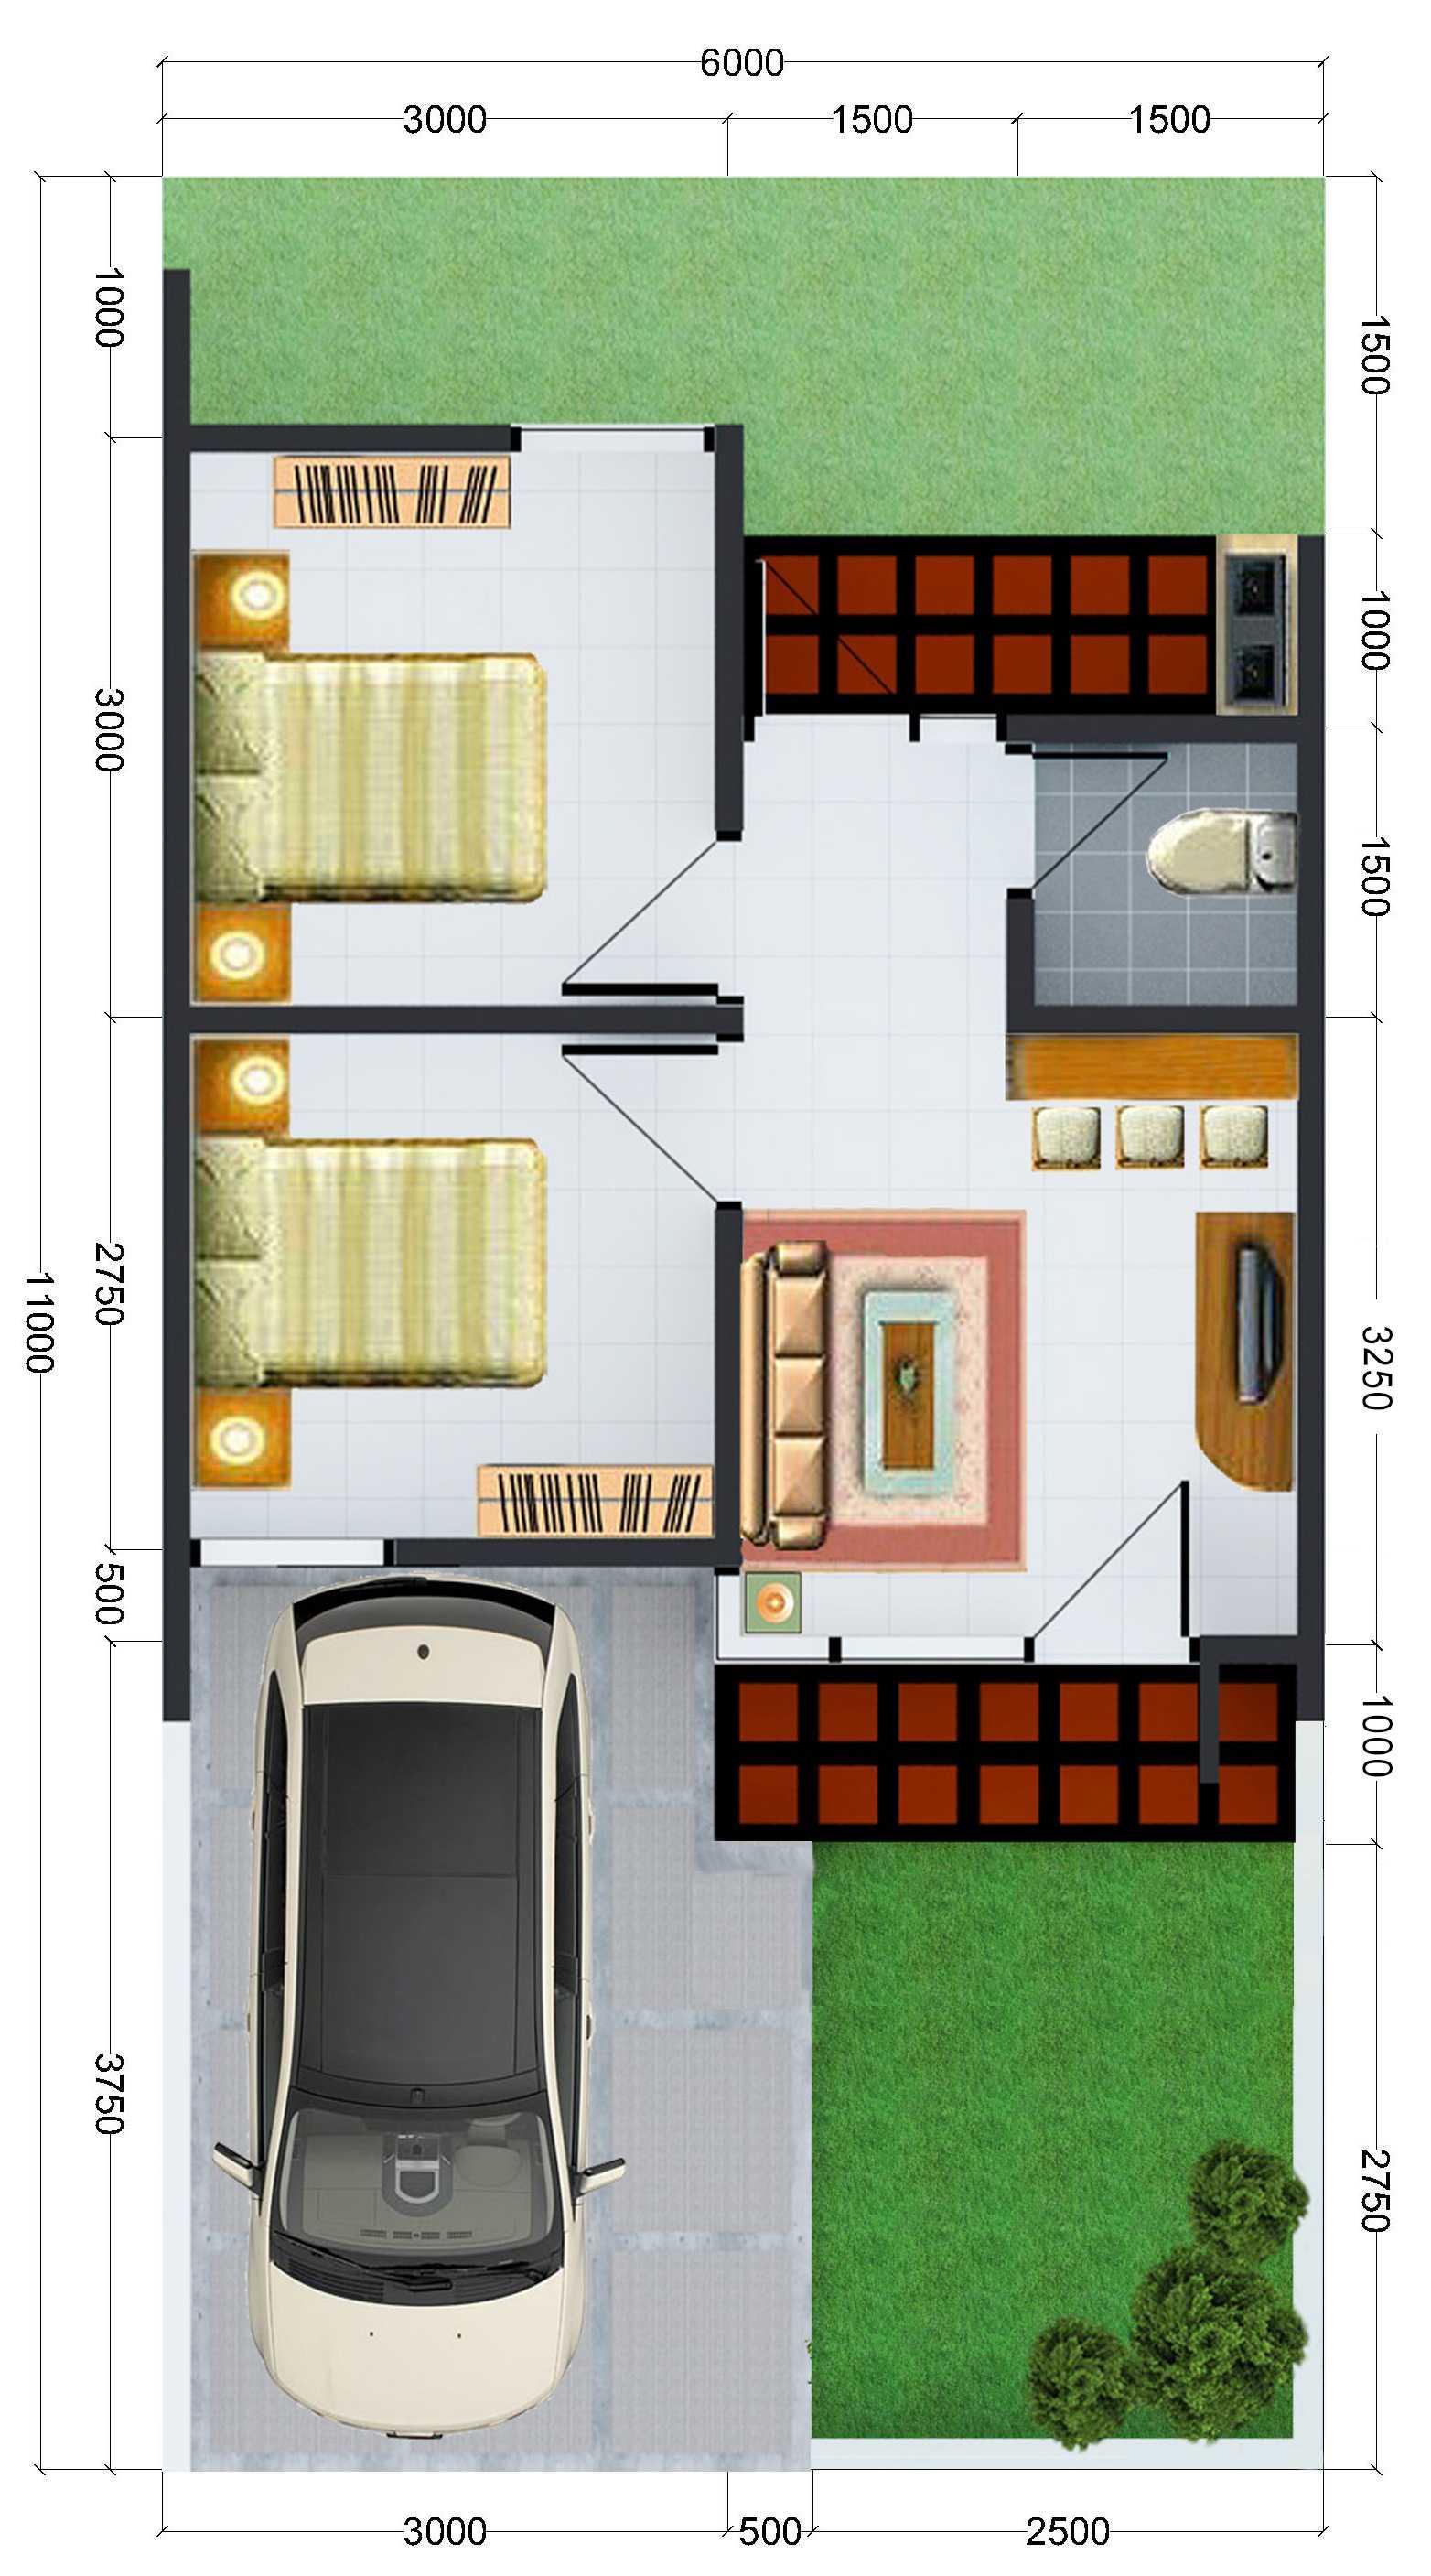 Prana Arsitektur Desain Perumahaan Griya Union Bogor, Jawa Barat, Indonesia Bogor, Jawa Barat, Indonesia Prana-Arsitektur-Desain-Perumahaan-Griya-Union   64873